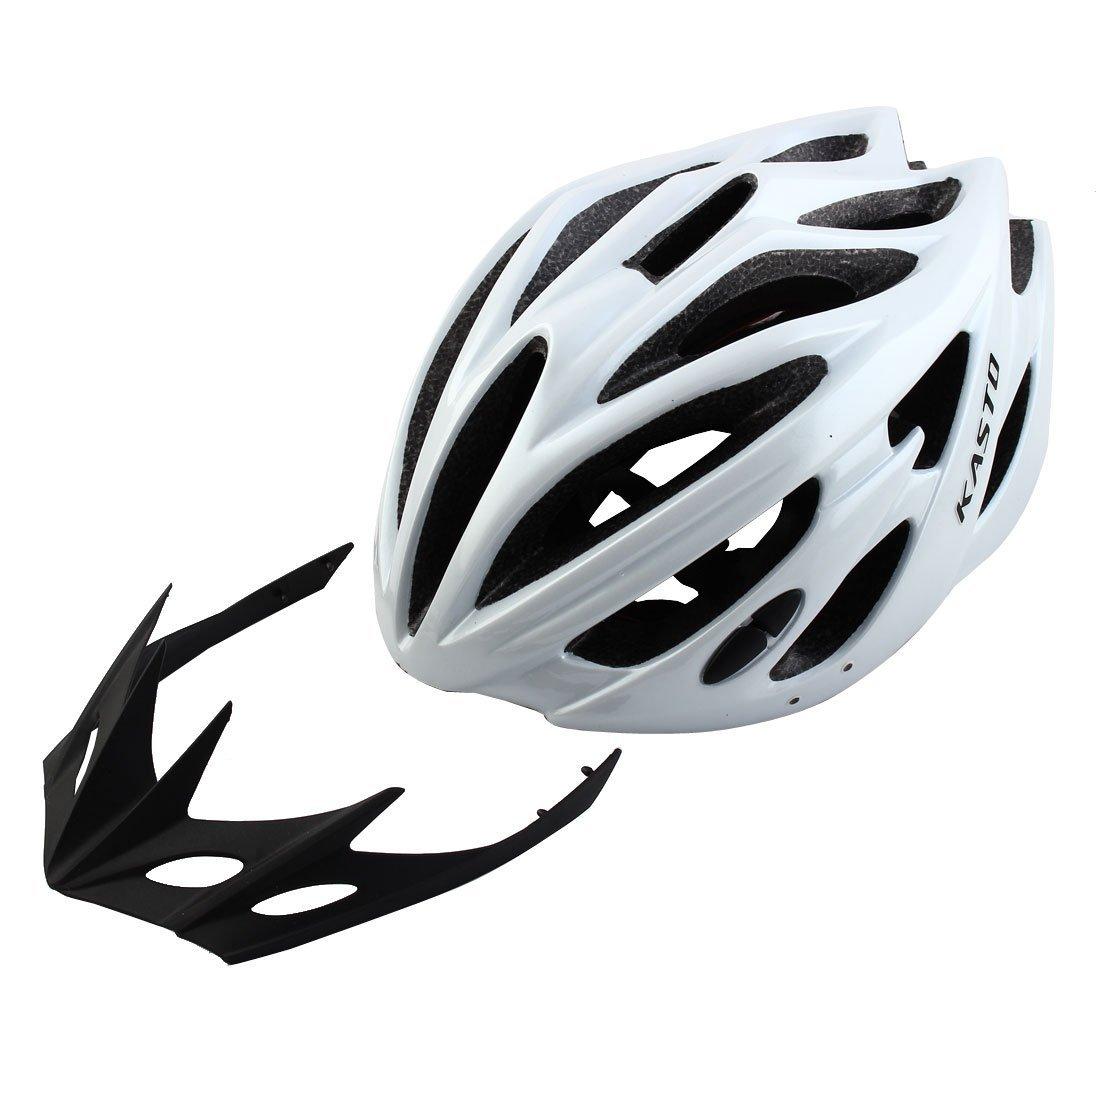 Amazon.com : eDealMax Adulto Unisex 21 hoyos Ciclismo portátil tapón de seguridad Protector de cabeza Ajustable Gorra de montar en Bicicleta Casco : Sports ...